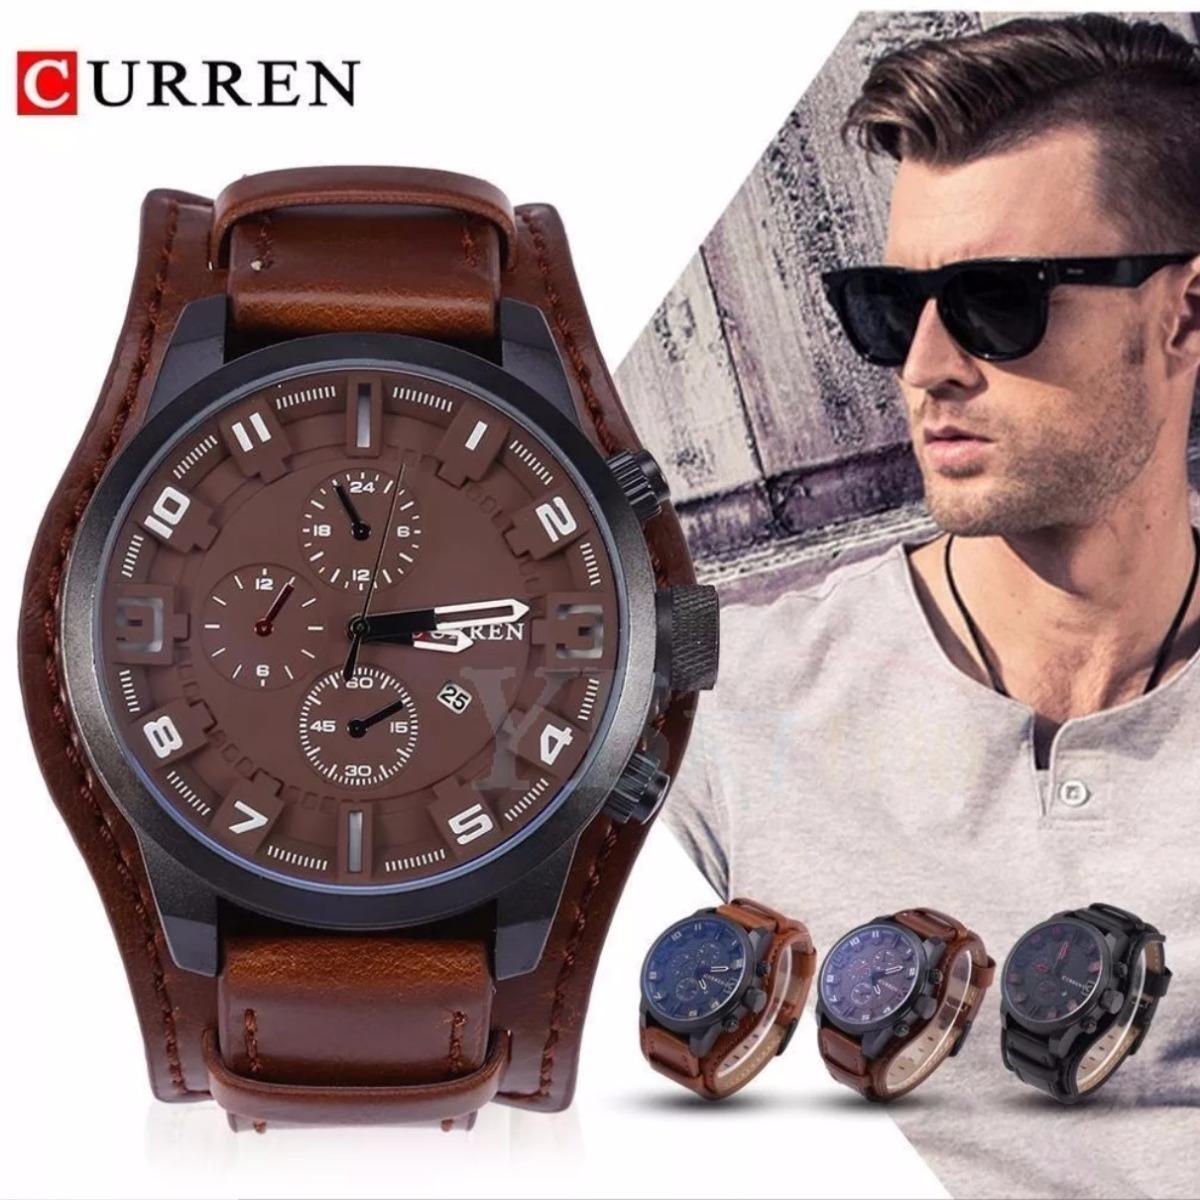 5ce52a550f9 relógio masculino curren original couro todas cores garantia. Carregando  zoom.